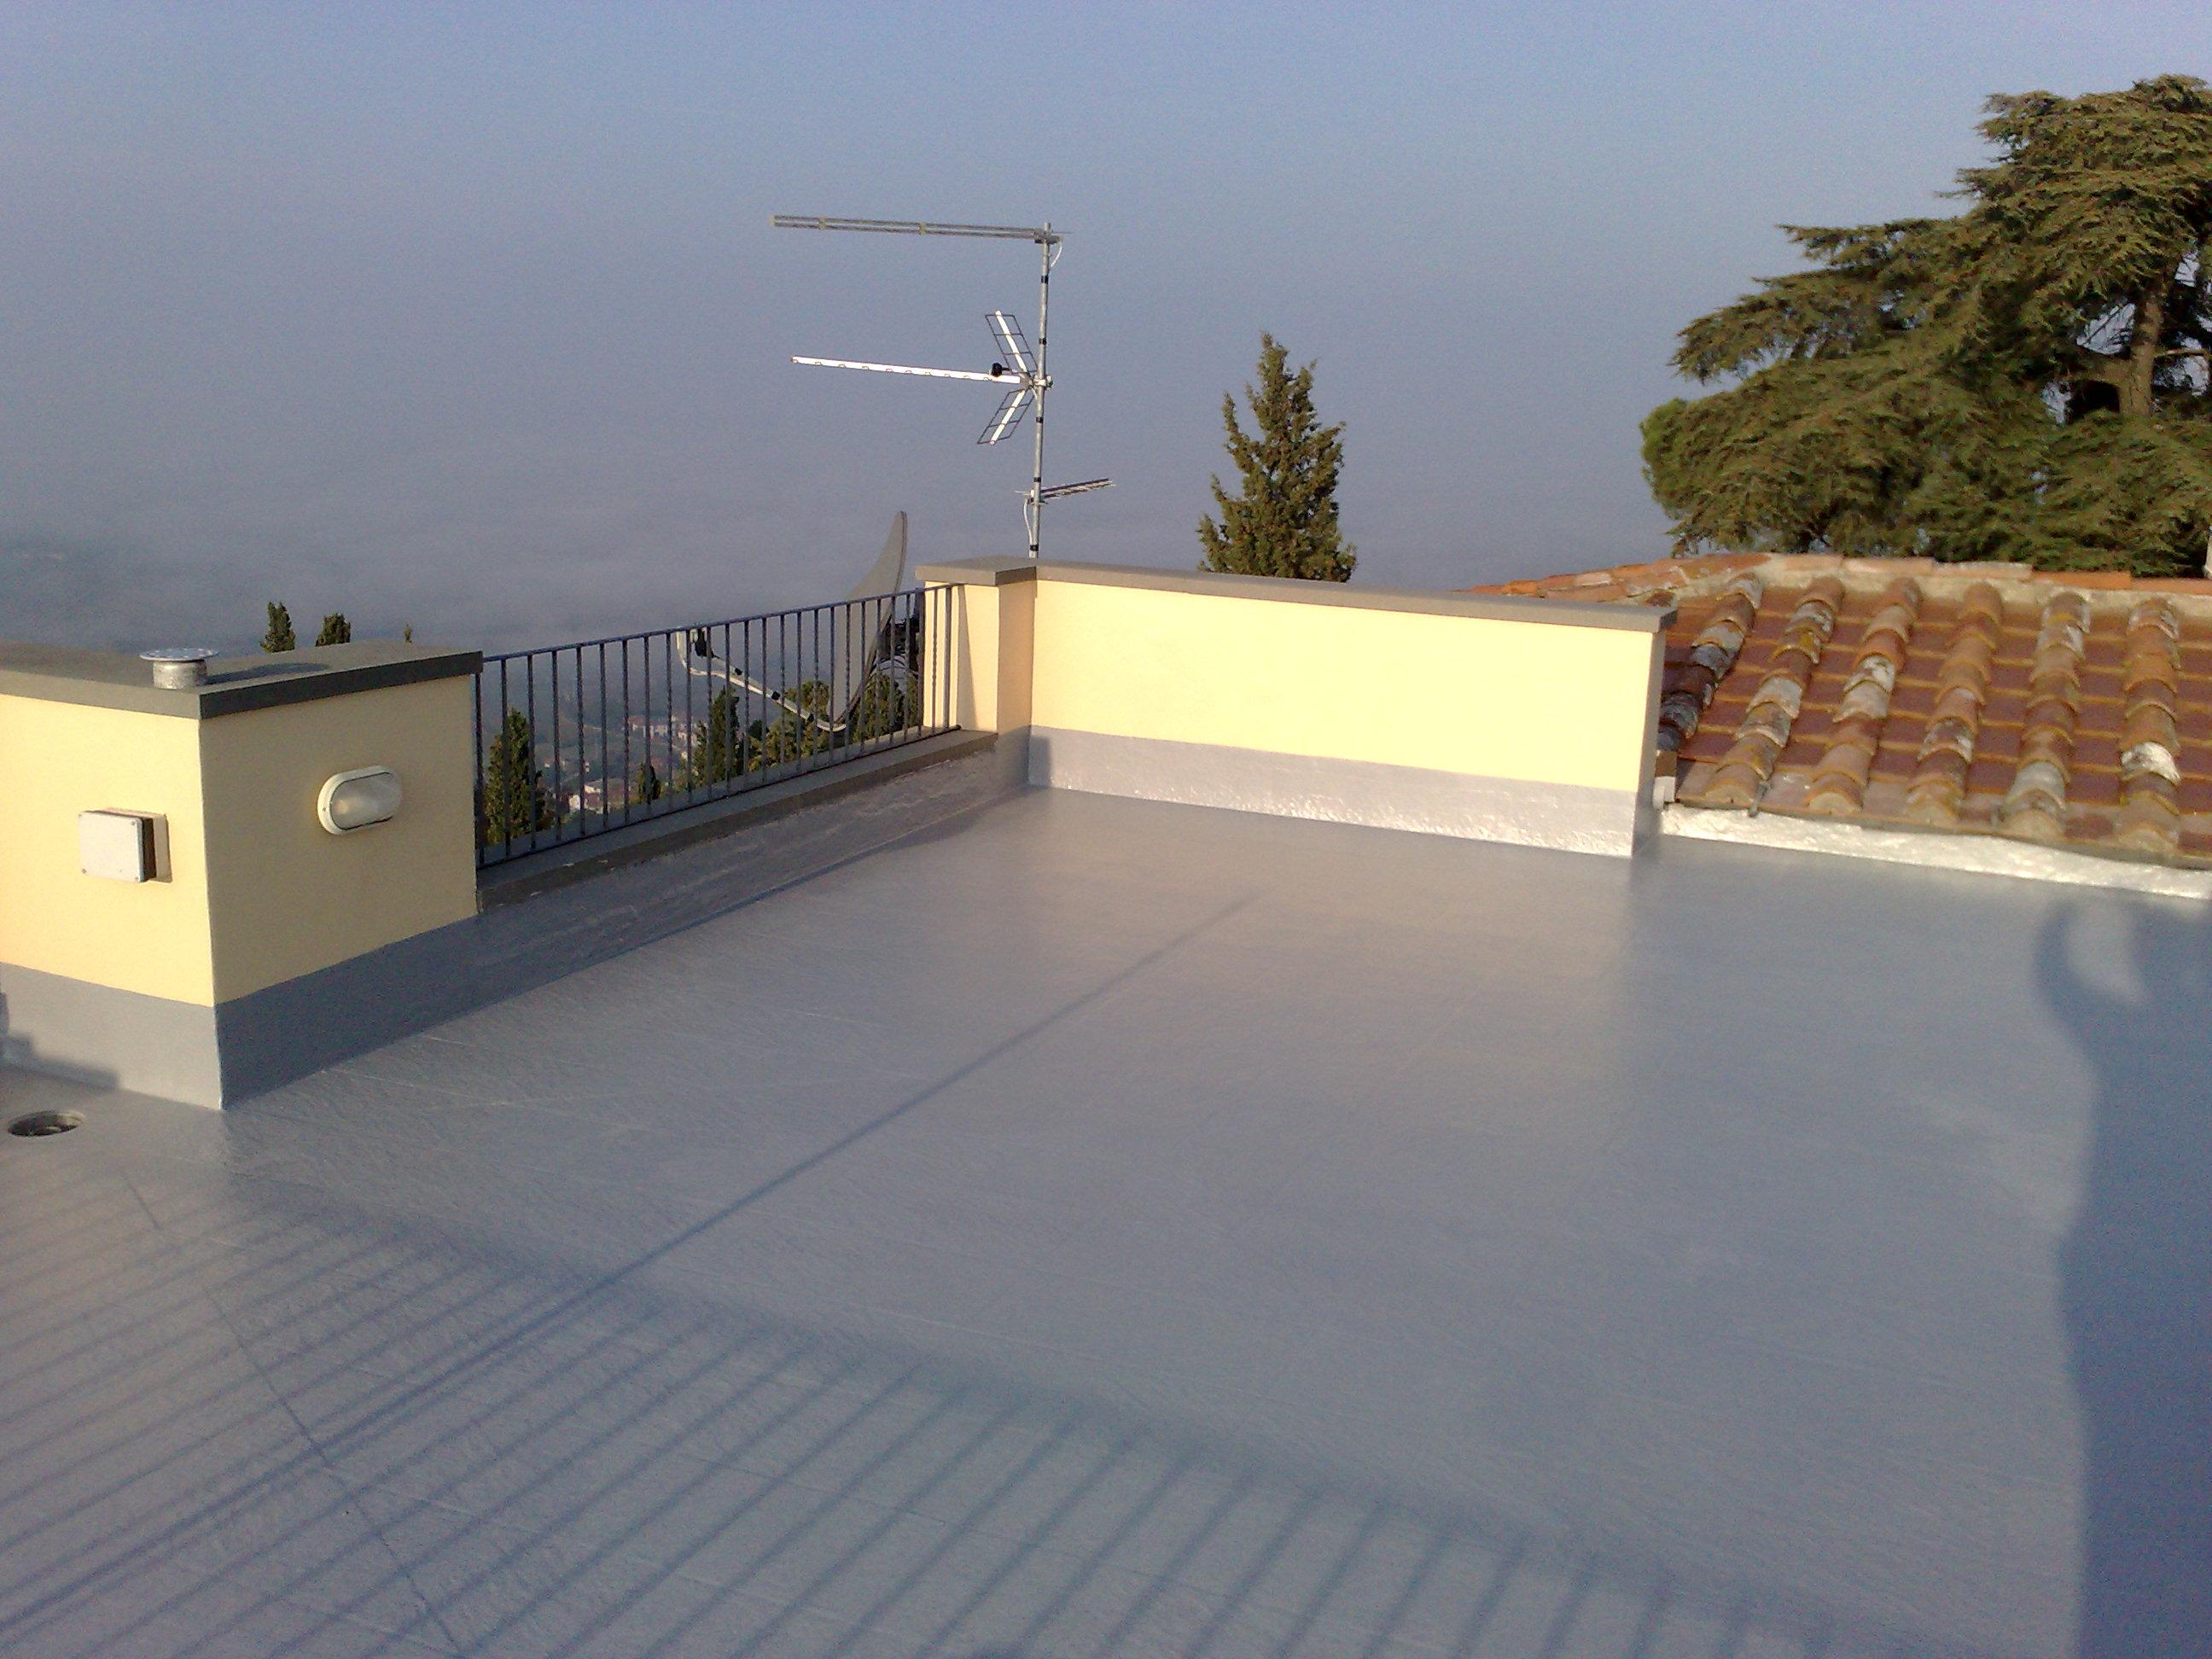 Membrane impermeabili per terrazzi: cosa sono e come funzionano ...